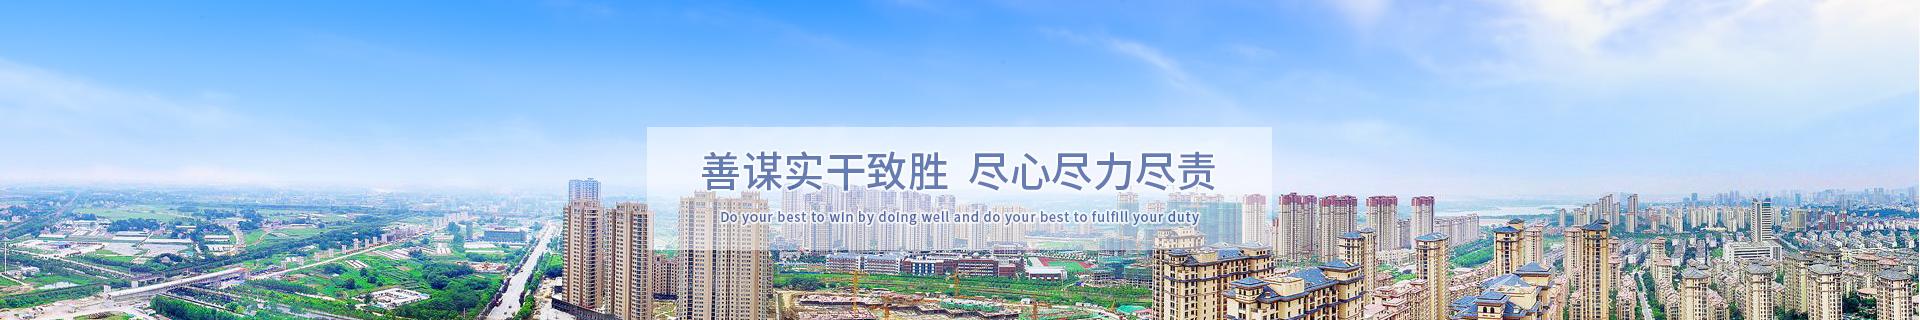 國投banner1